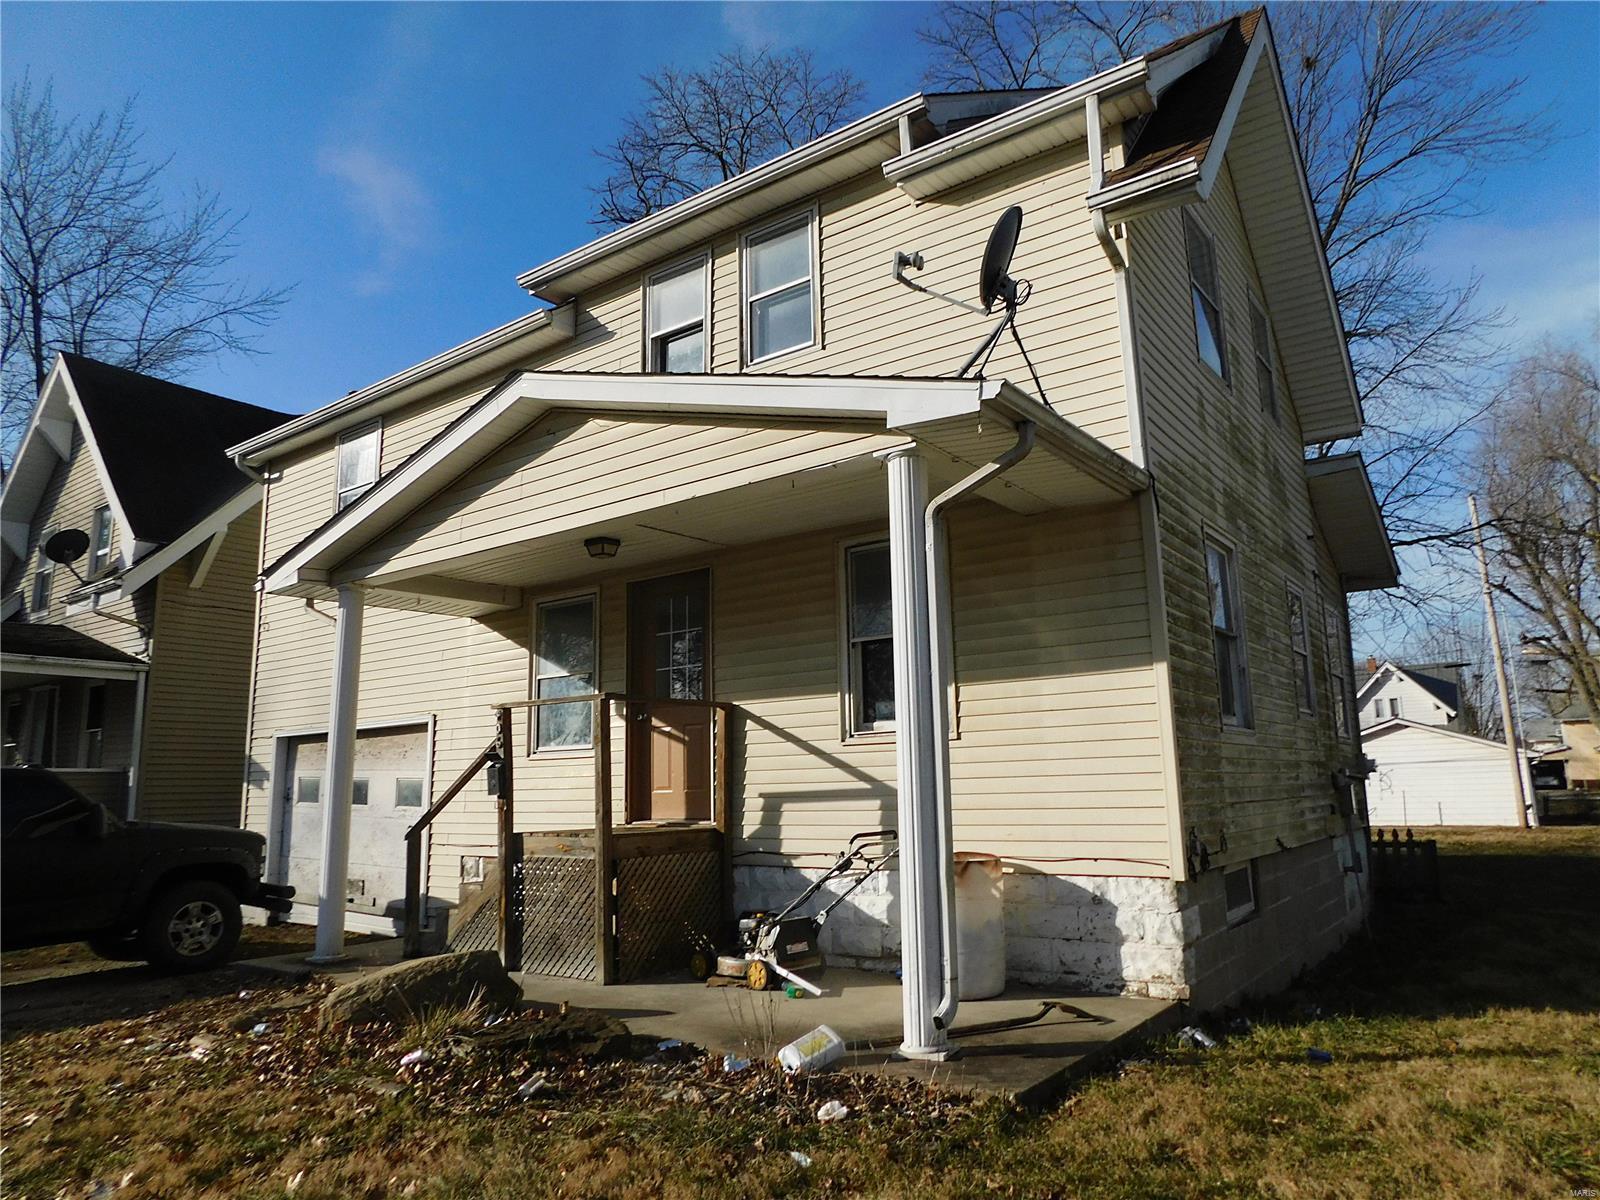 906 Johnson Property Photo - Carlinville, IL real estate listing